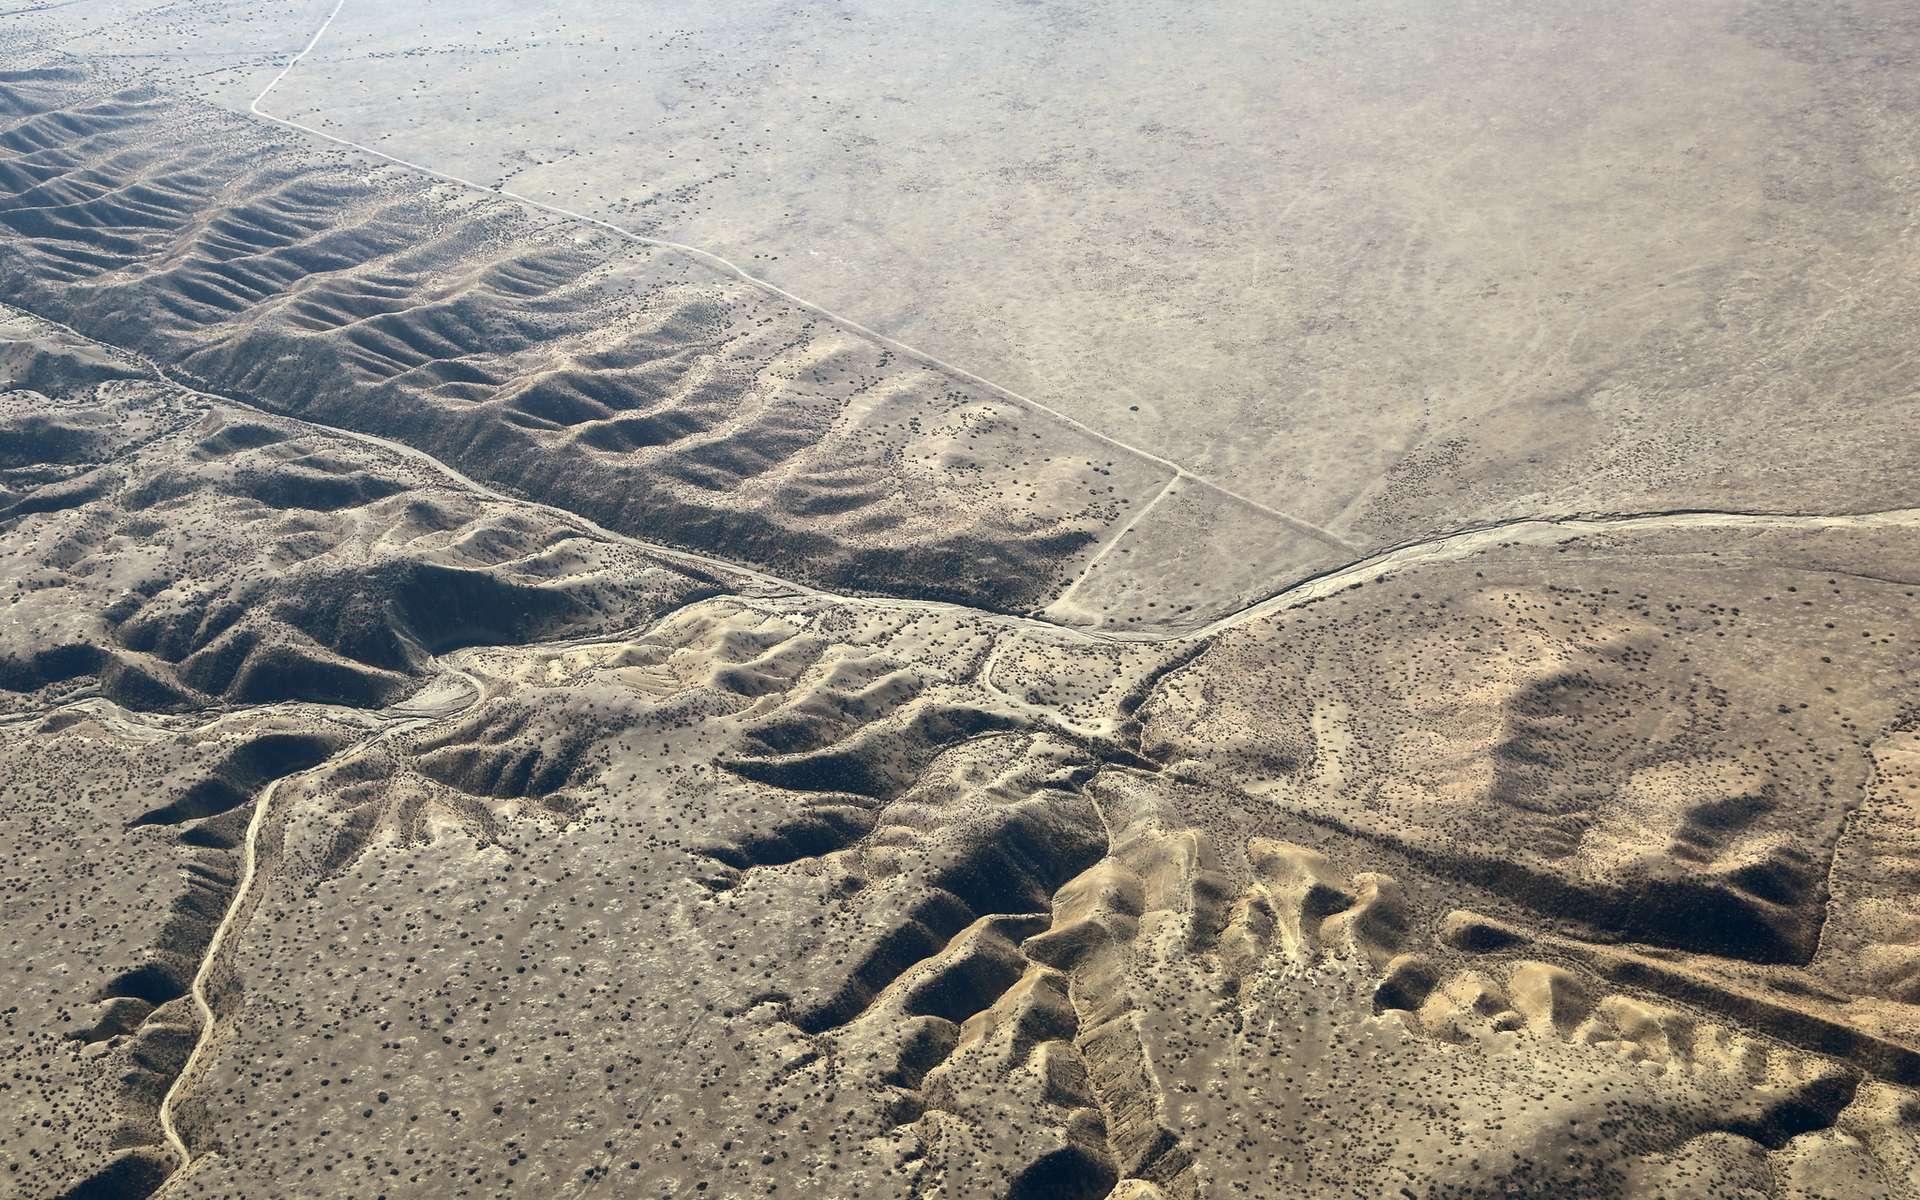 Déviation d'un cours d'eau par la faille de San Andreas en Californie. © Doc Searls, Flickr